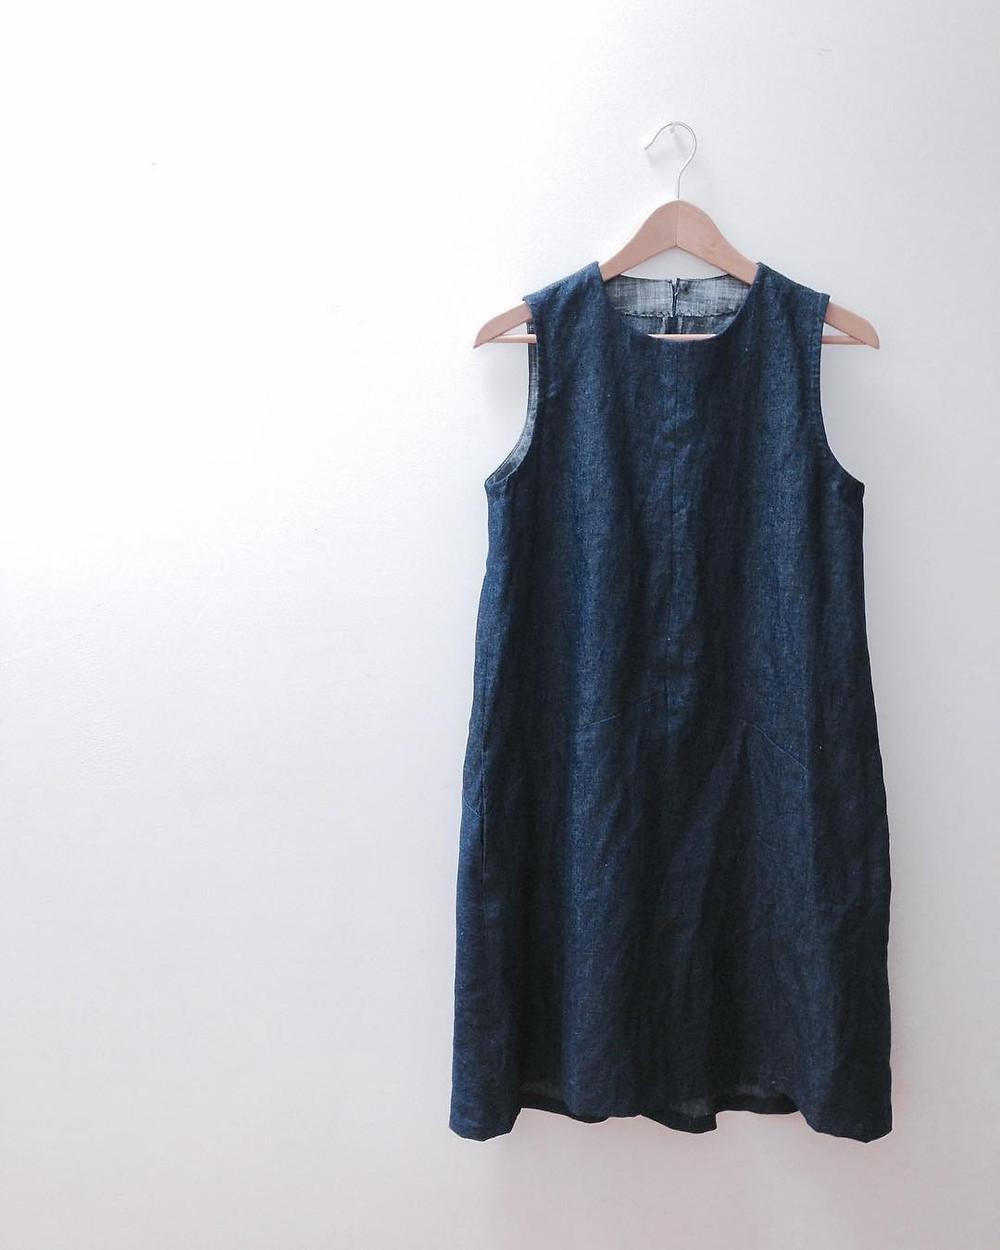 Farrow Dress - Grainline Studio pattern